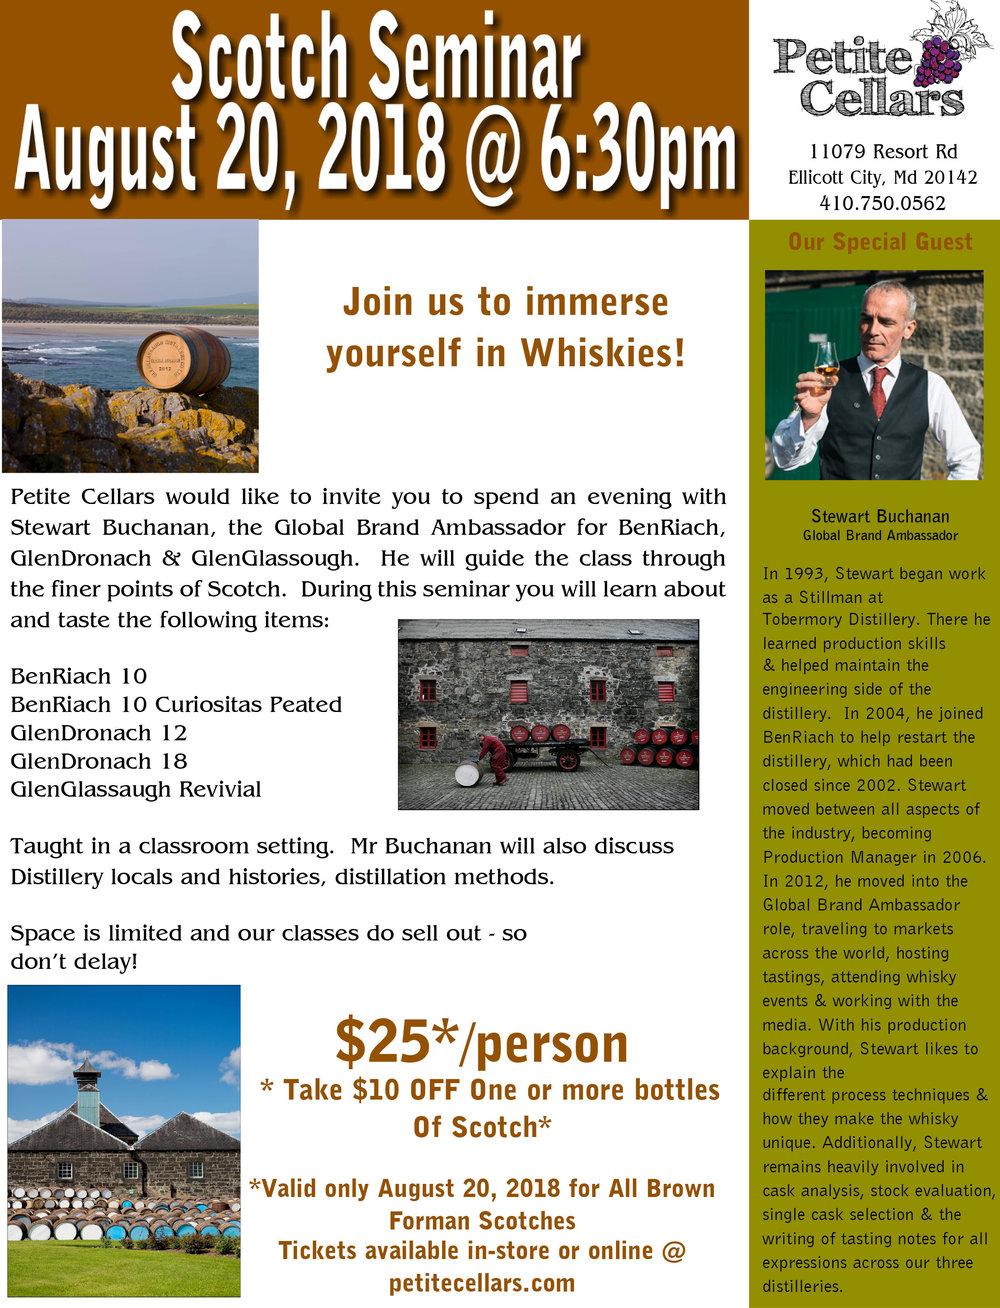 Scotch Seminar - BF Scotch Ambassador (1)-1.jpg